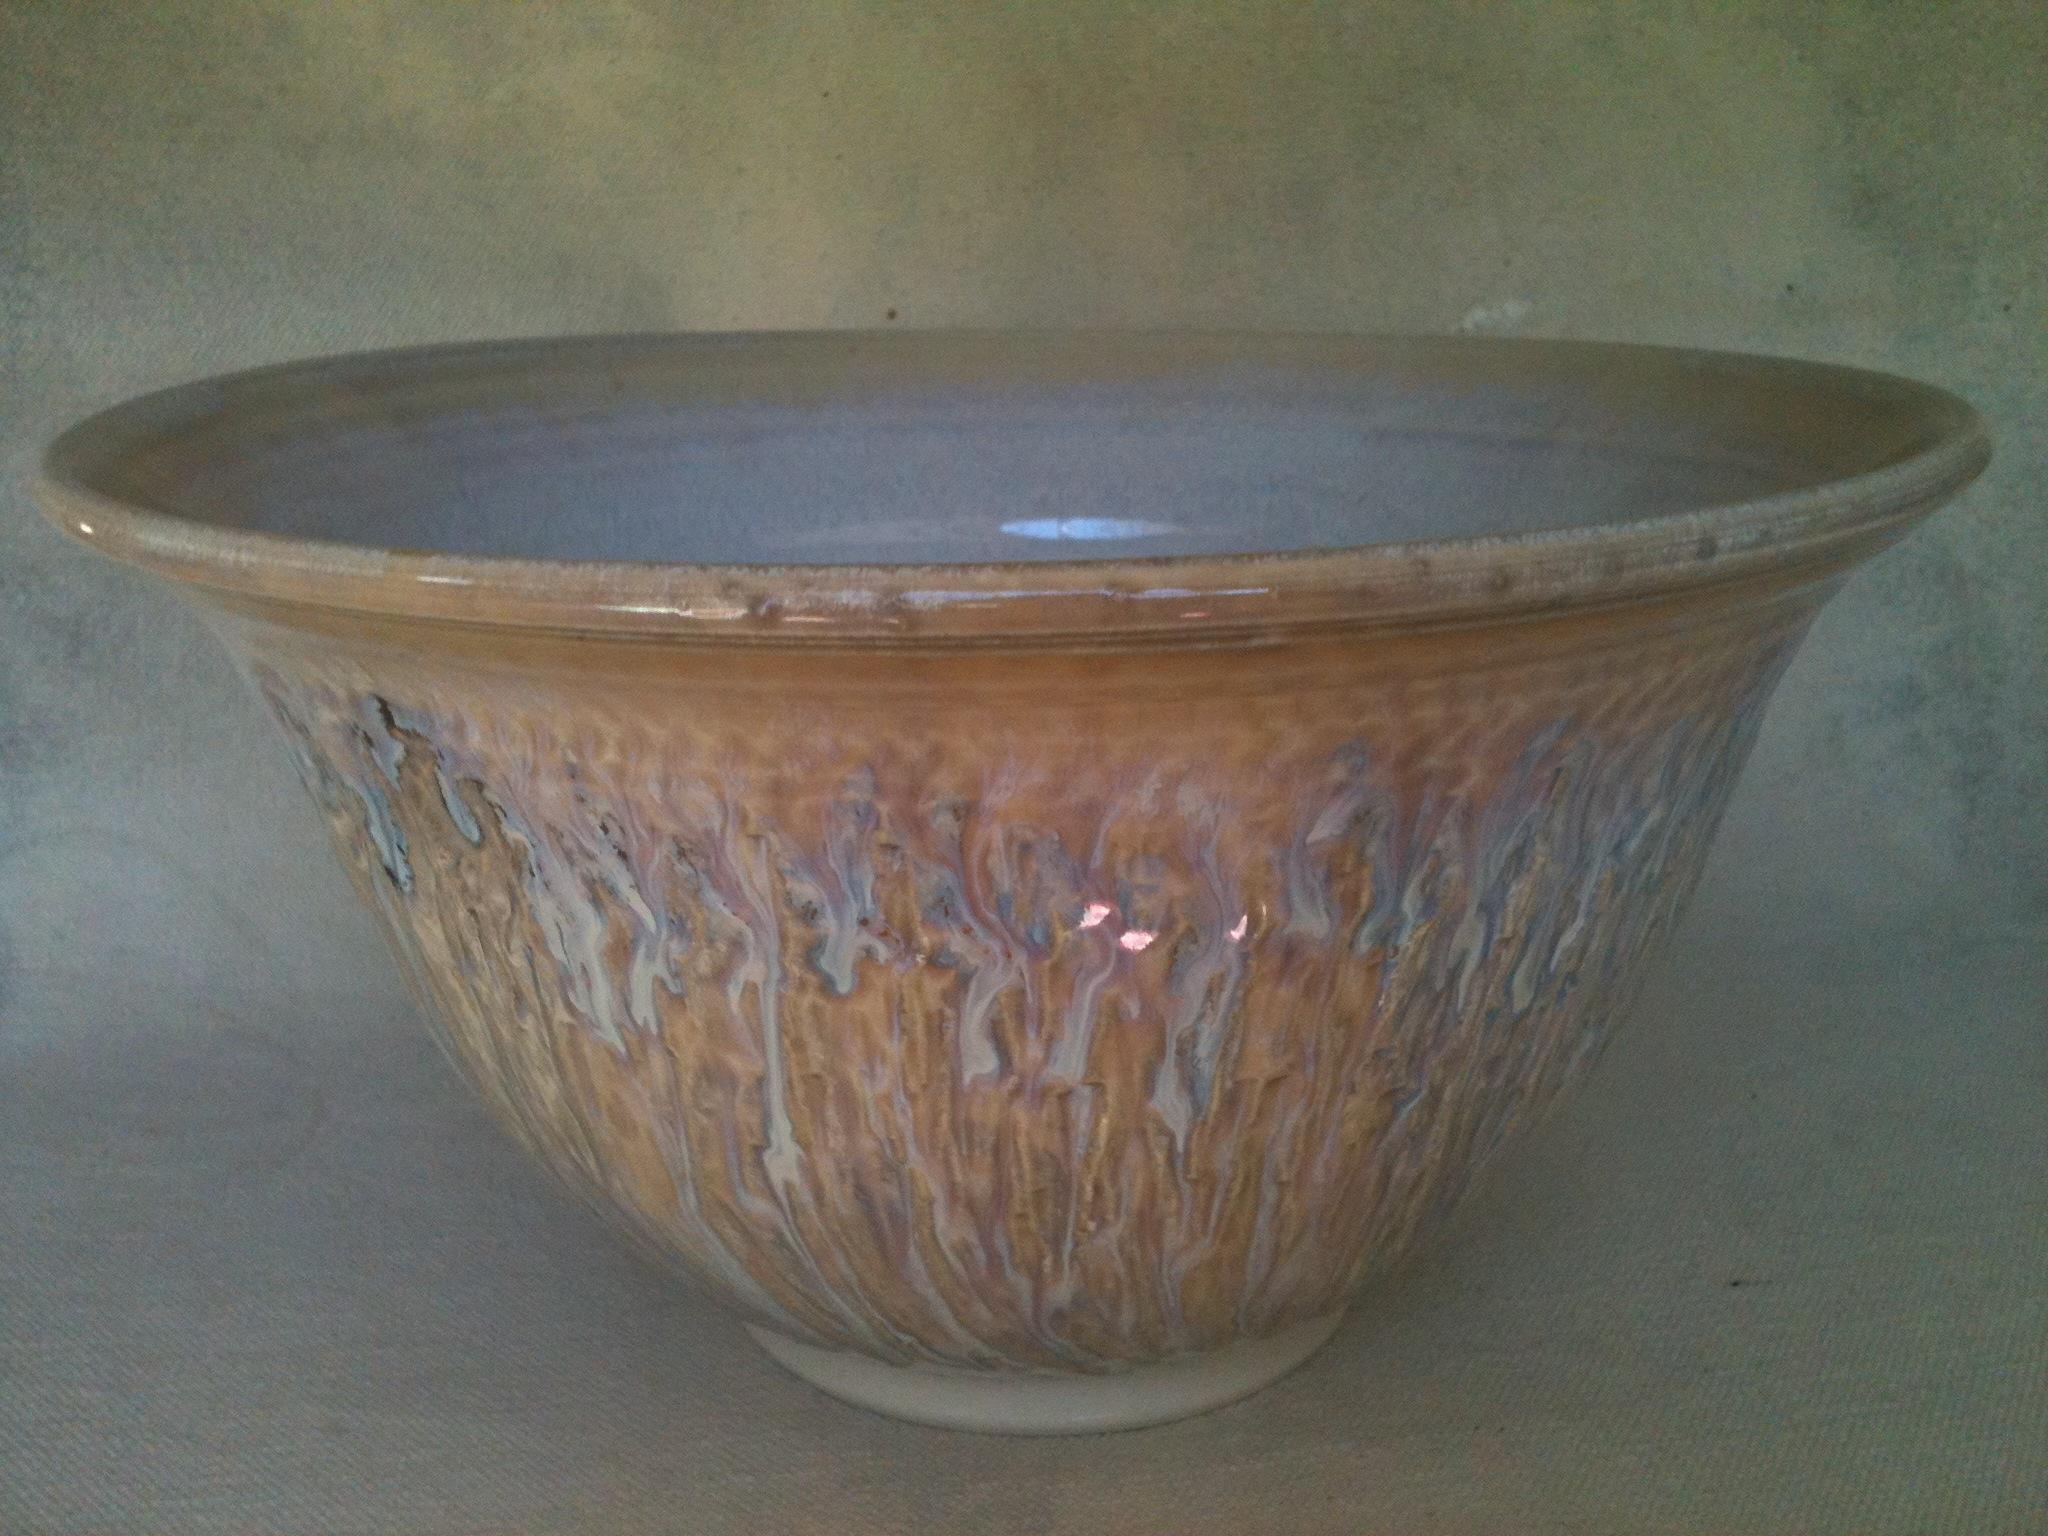 Large chattered porcelain bowl